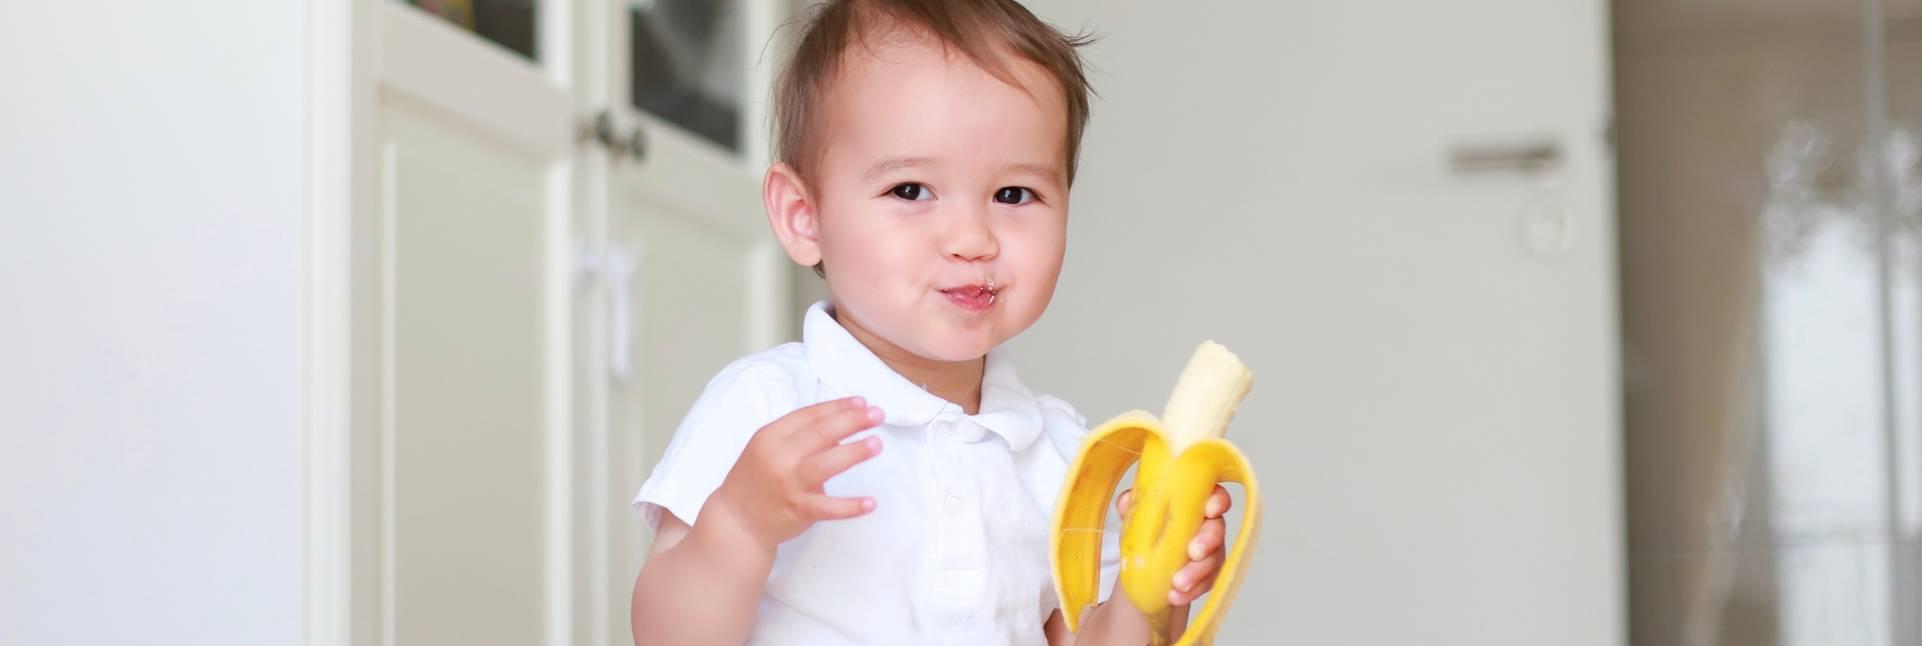 Las principales carencias nutricionales en niños pequeños